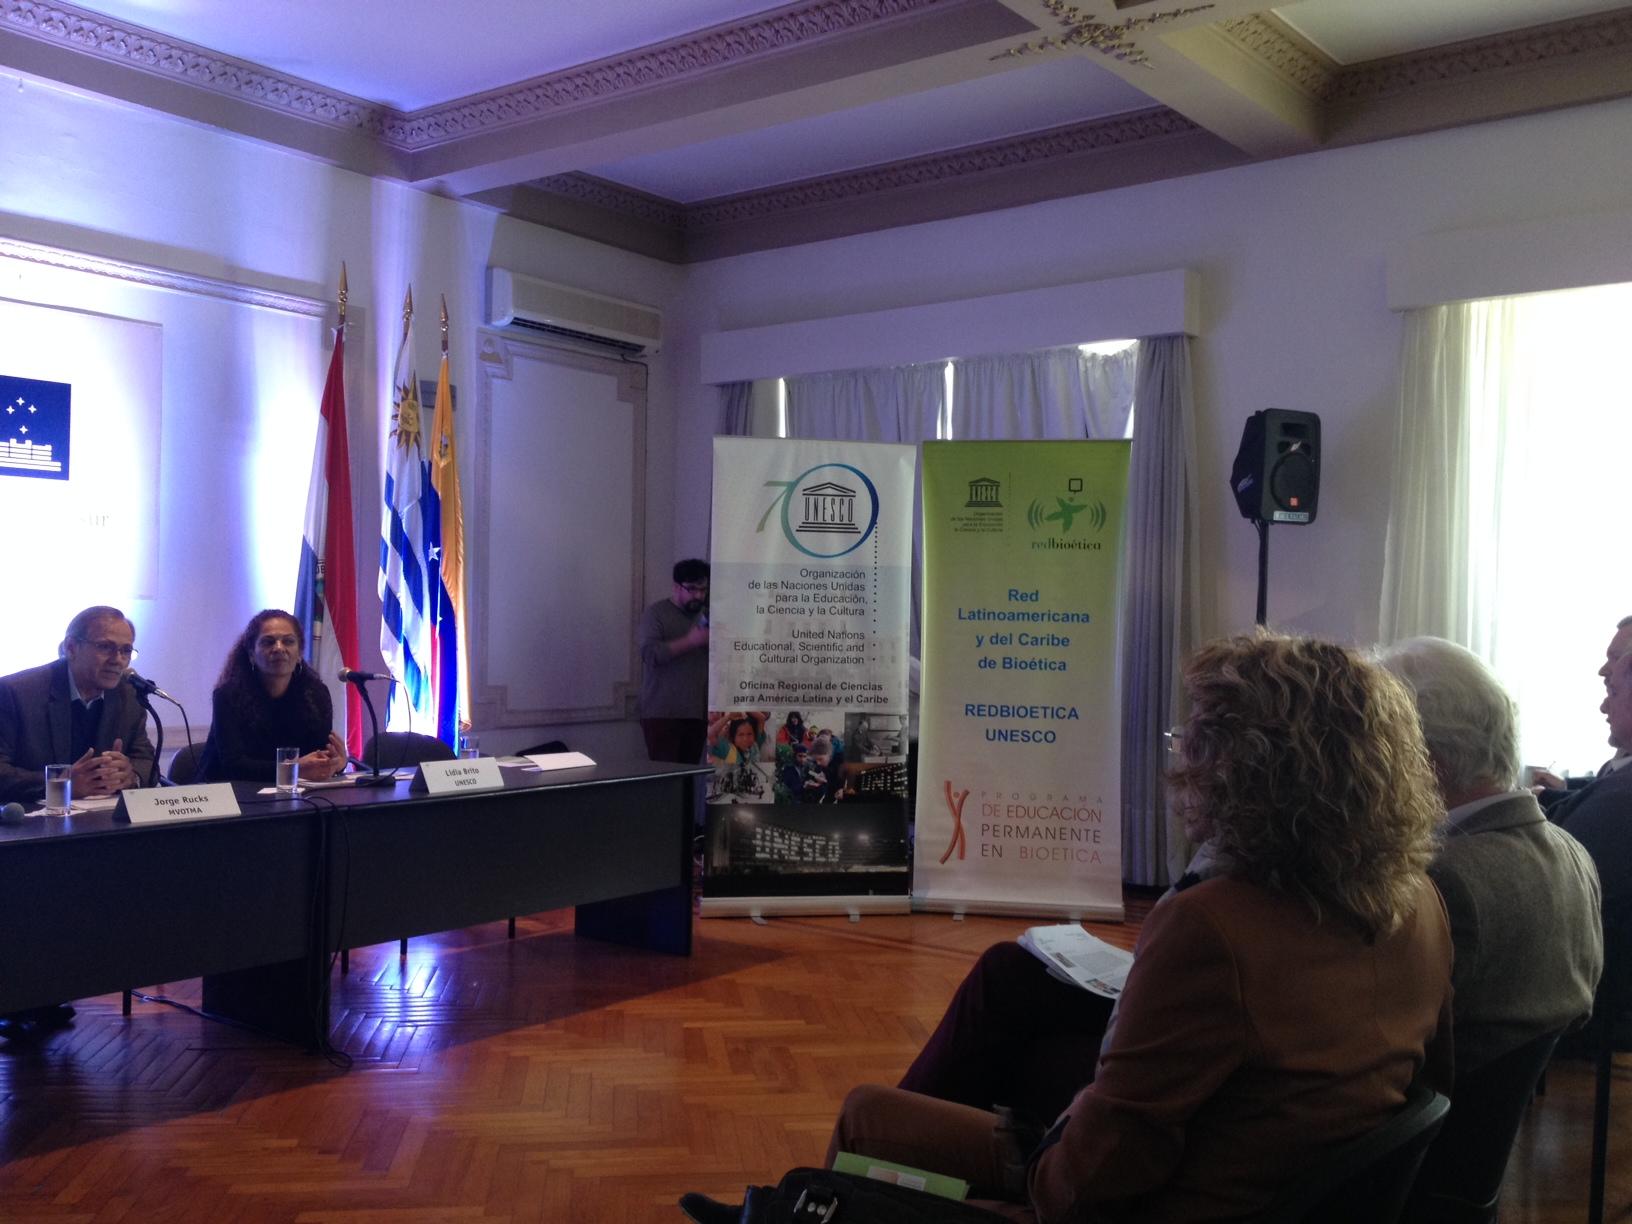 GENESIS participó de la celebración del 70 Aniversario de la UNESCO